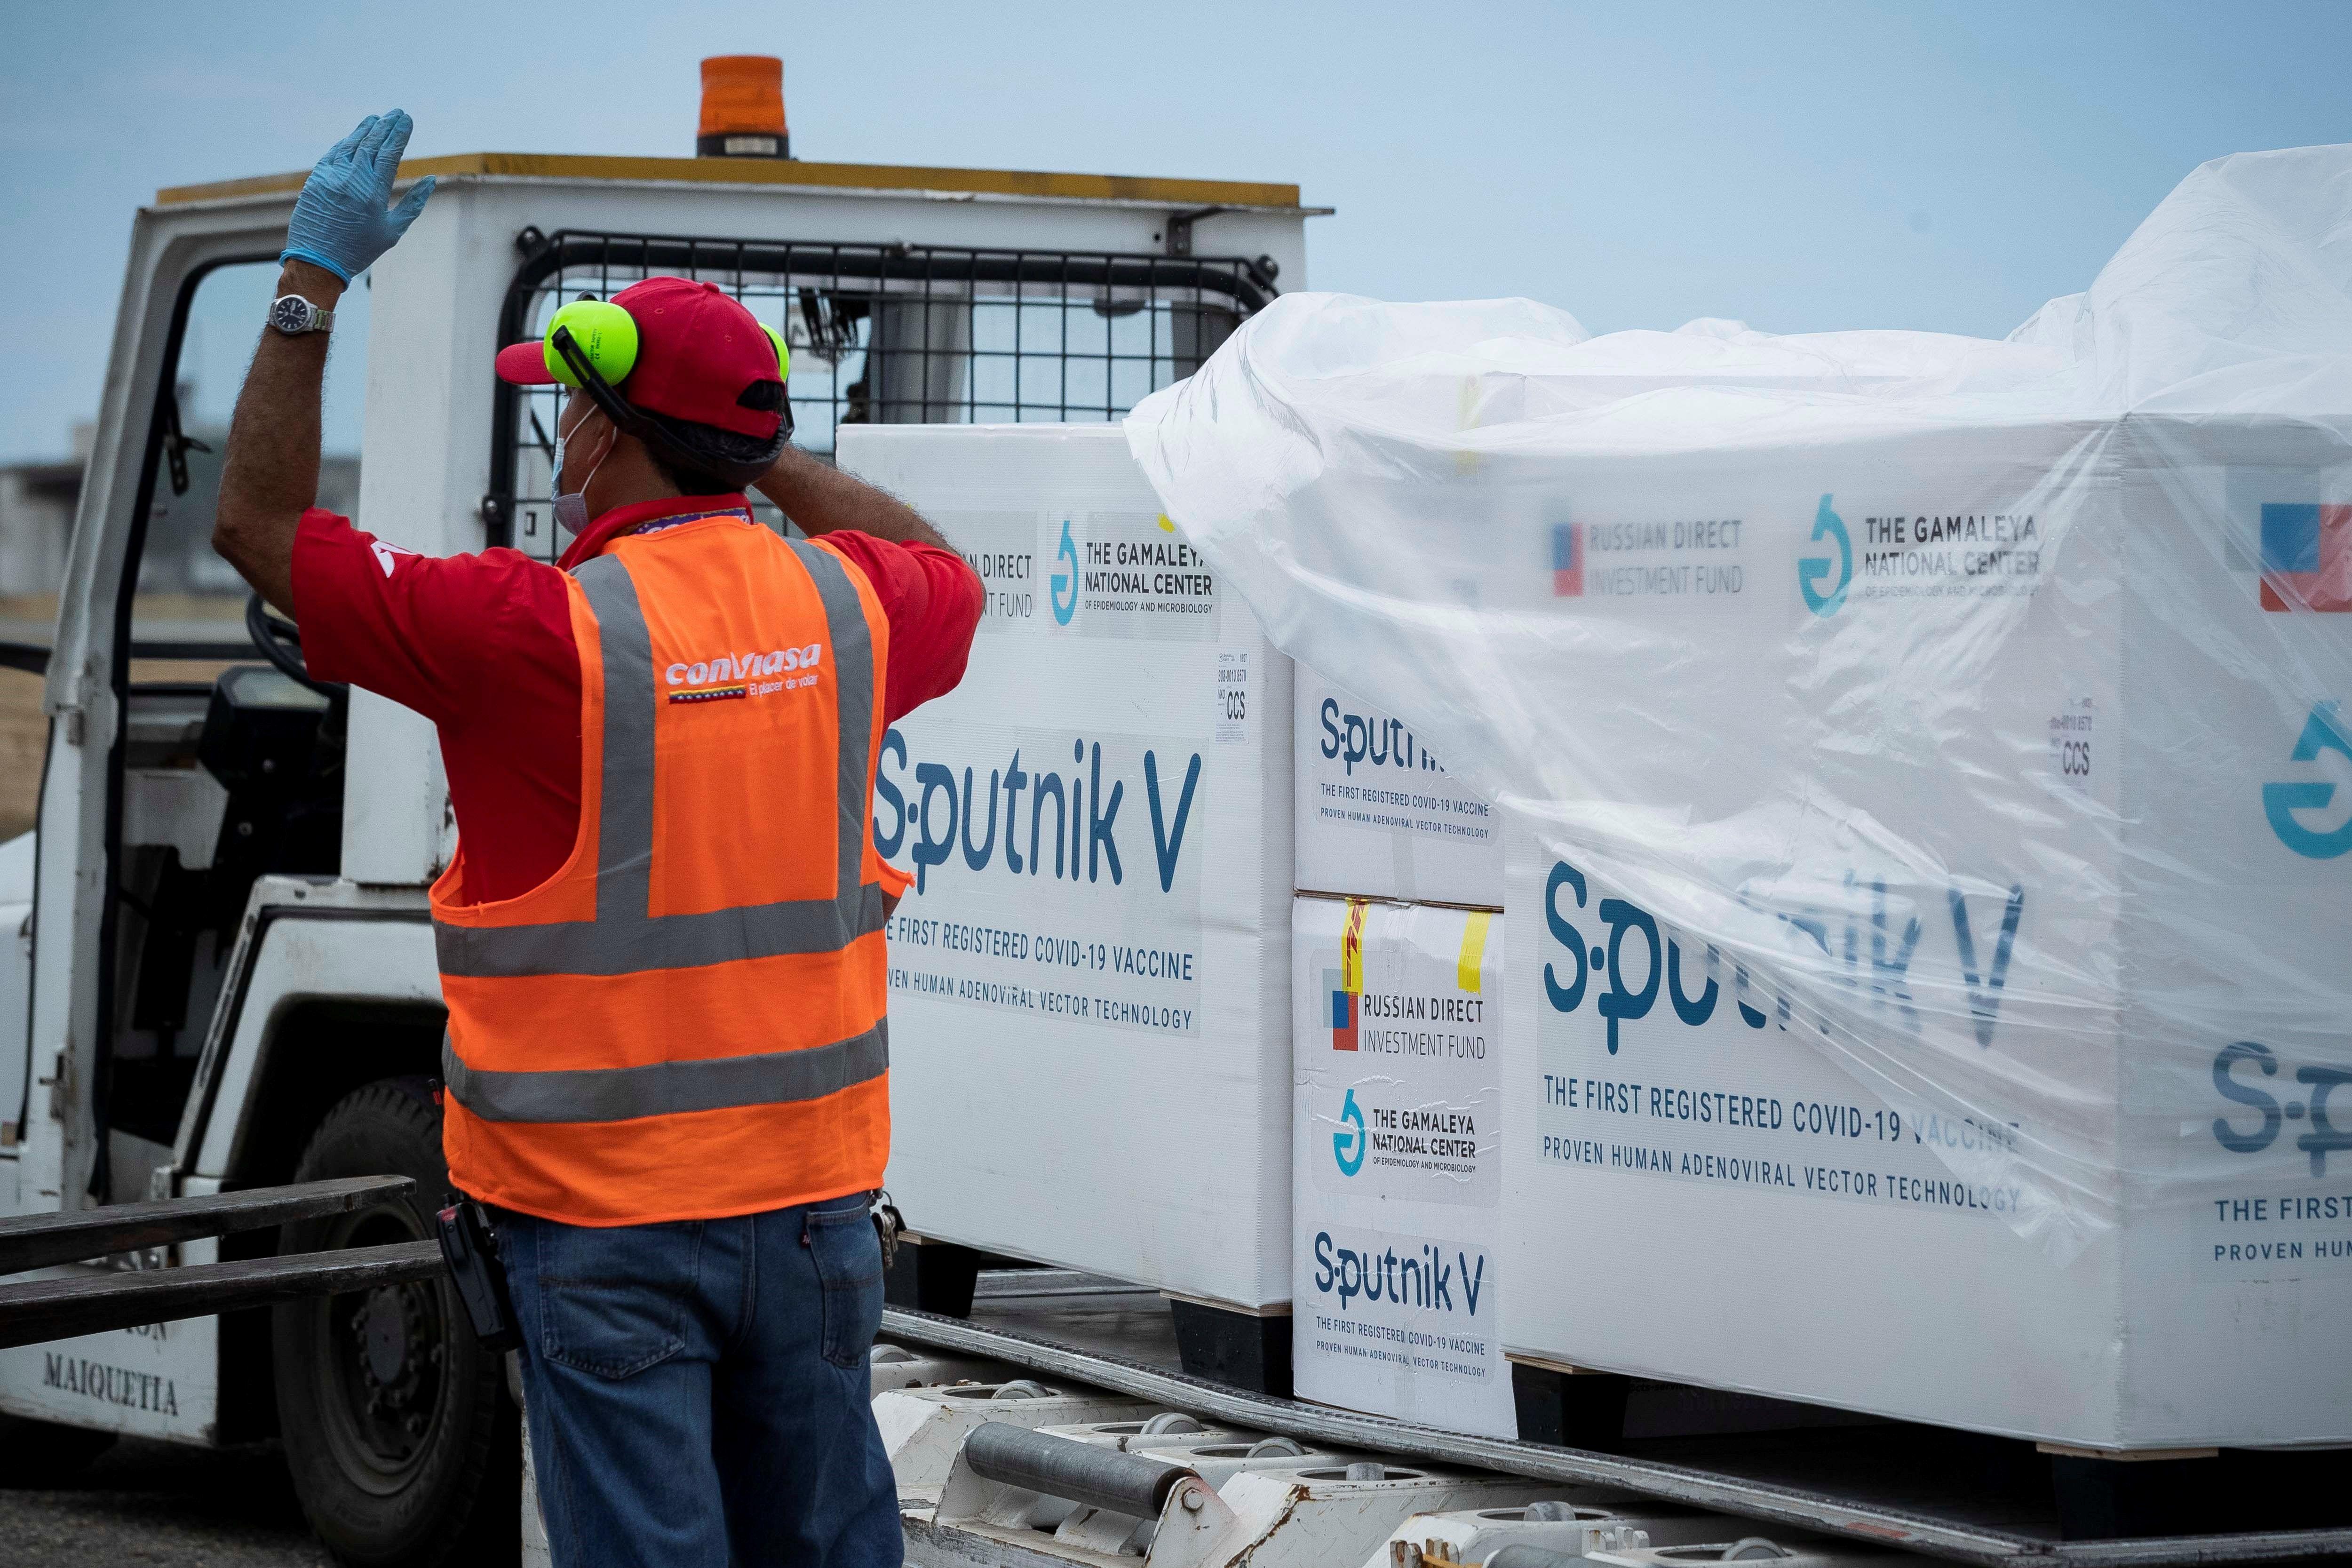 Las primeras dosis de Sputnik V llegaron a la Argentina a fines de diciembre - EFE/ Rayner Peña R/Archivo